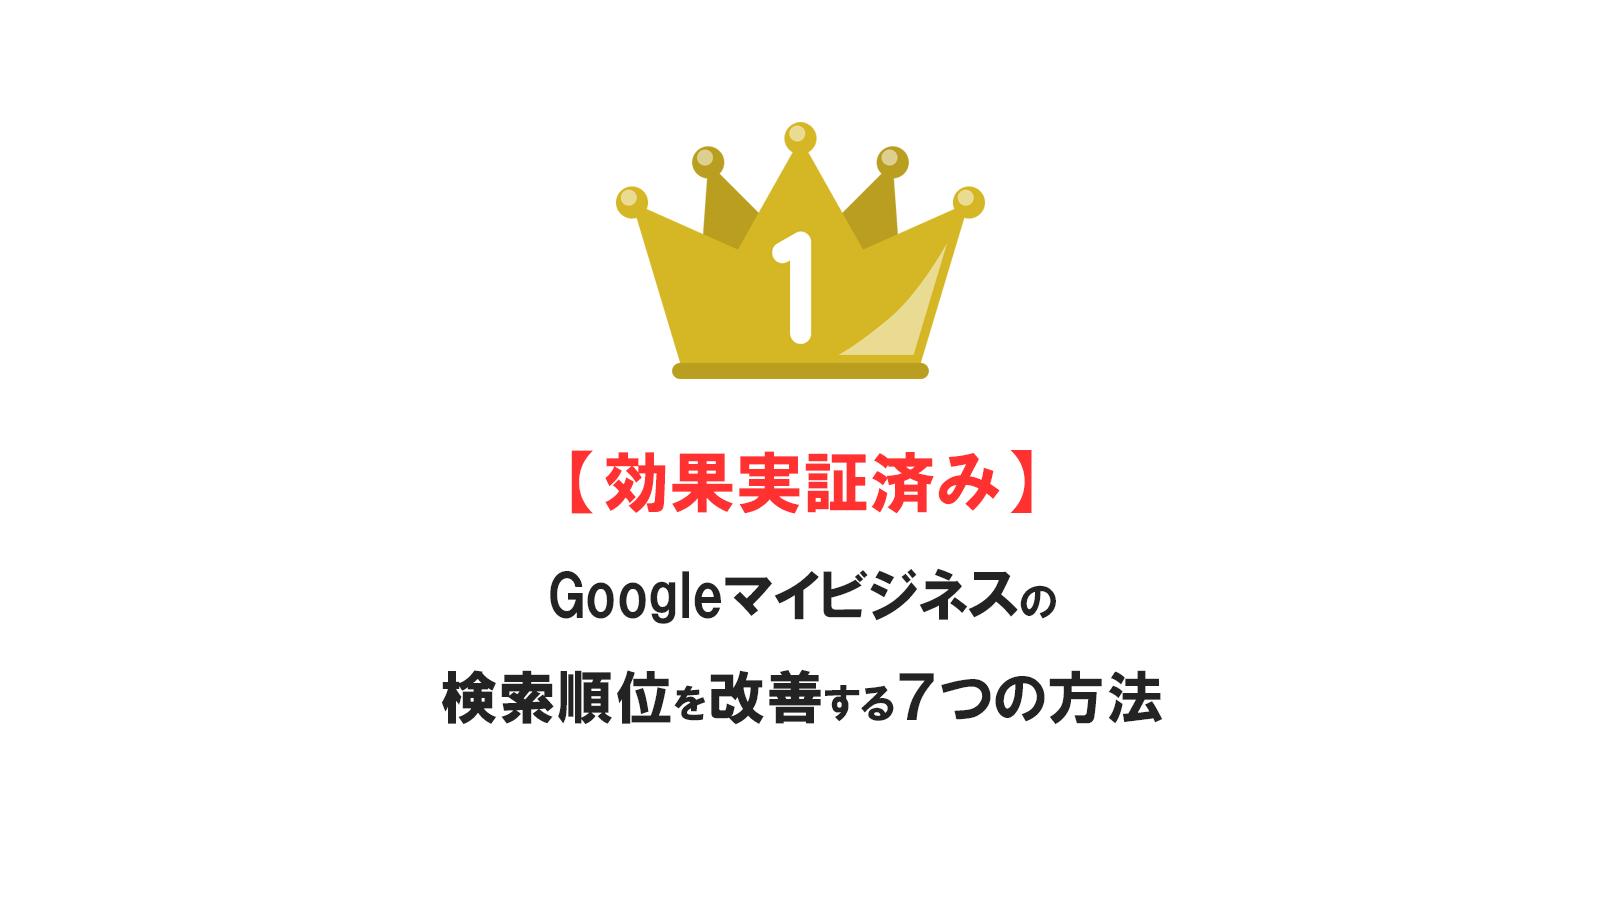 【効果実証済み】Googleマイビジネスの検索順位を改善する7つの方法